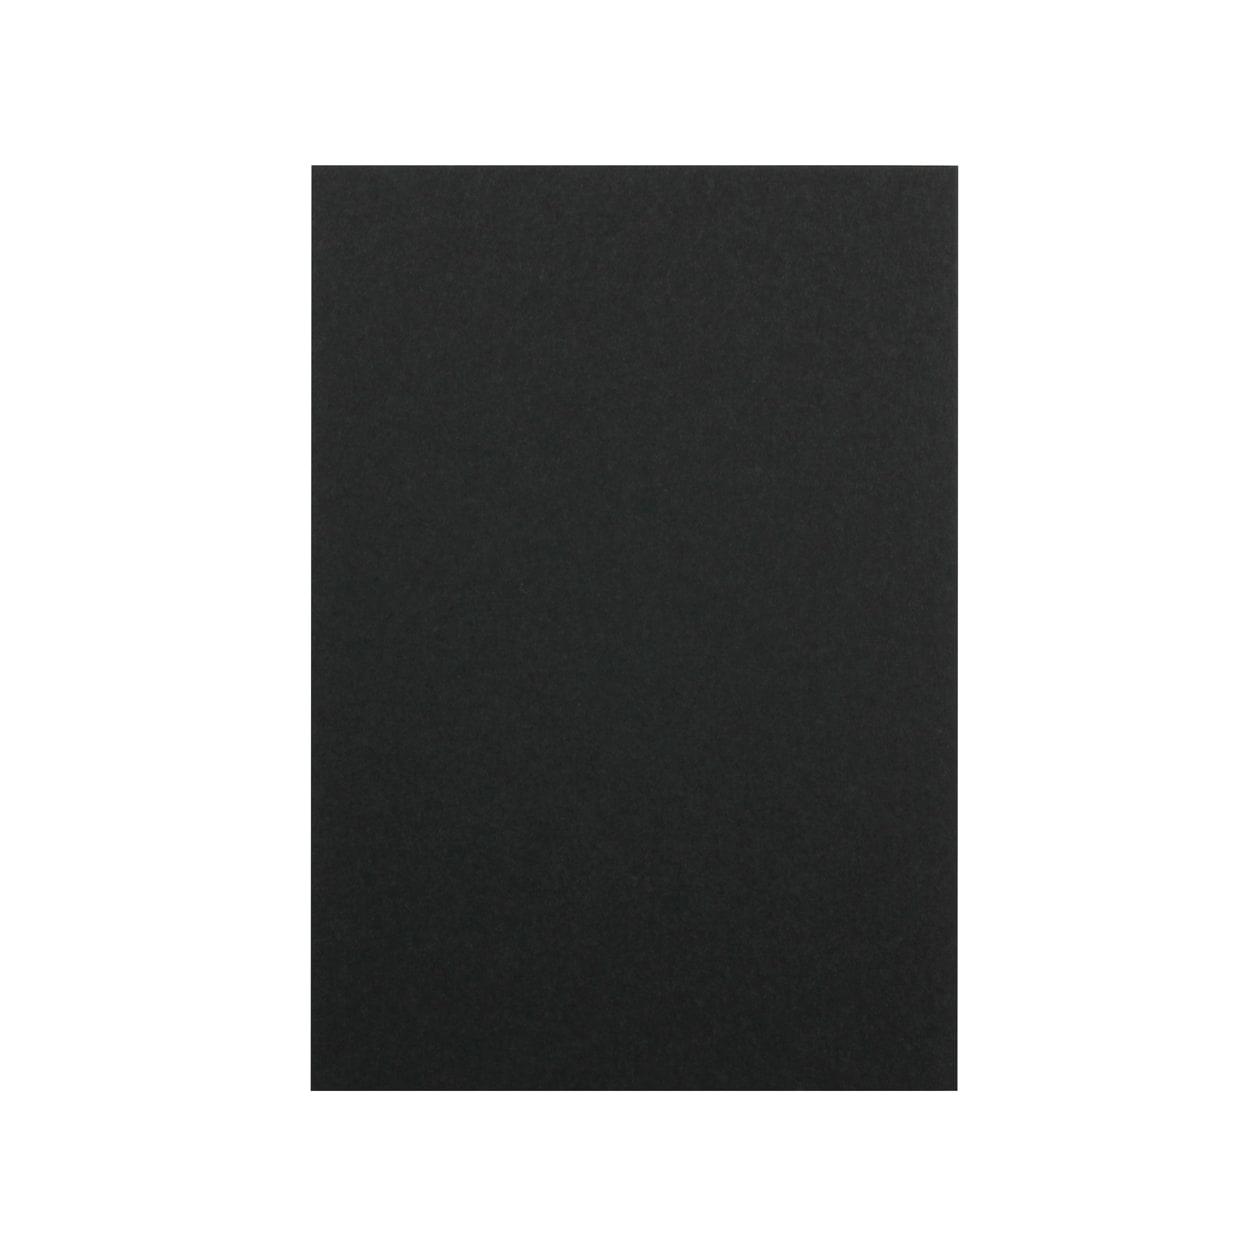 Pカード コットン(NTラシャ) 黒 244.3g